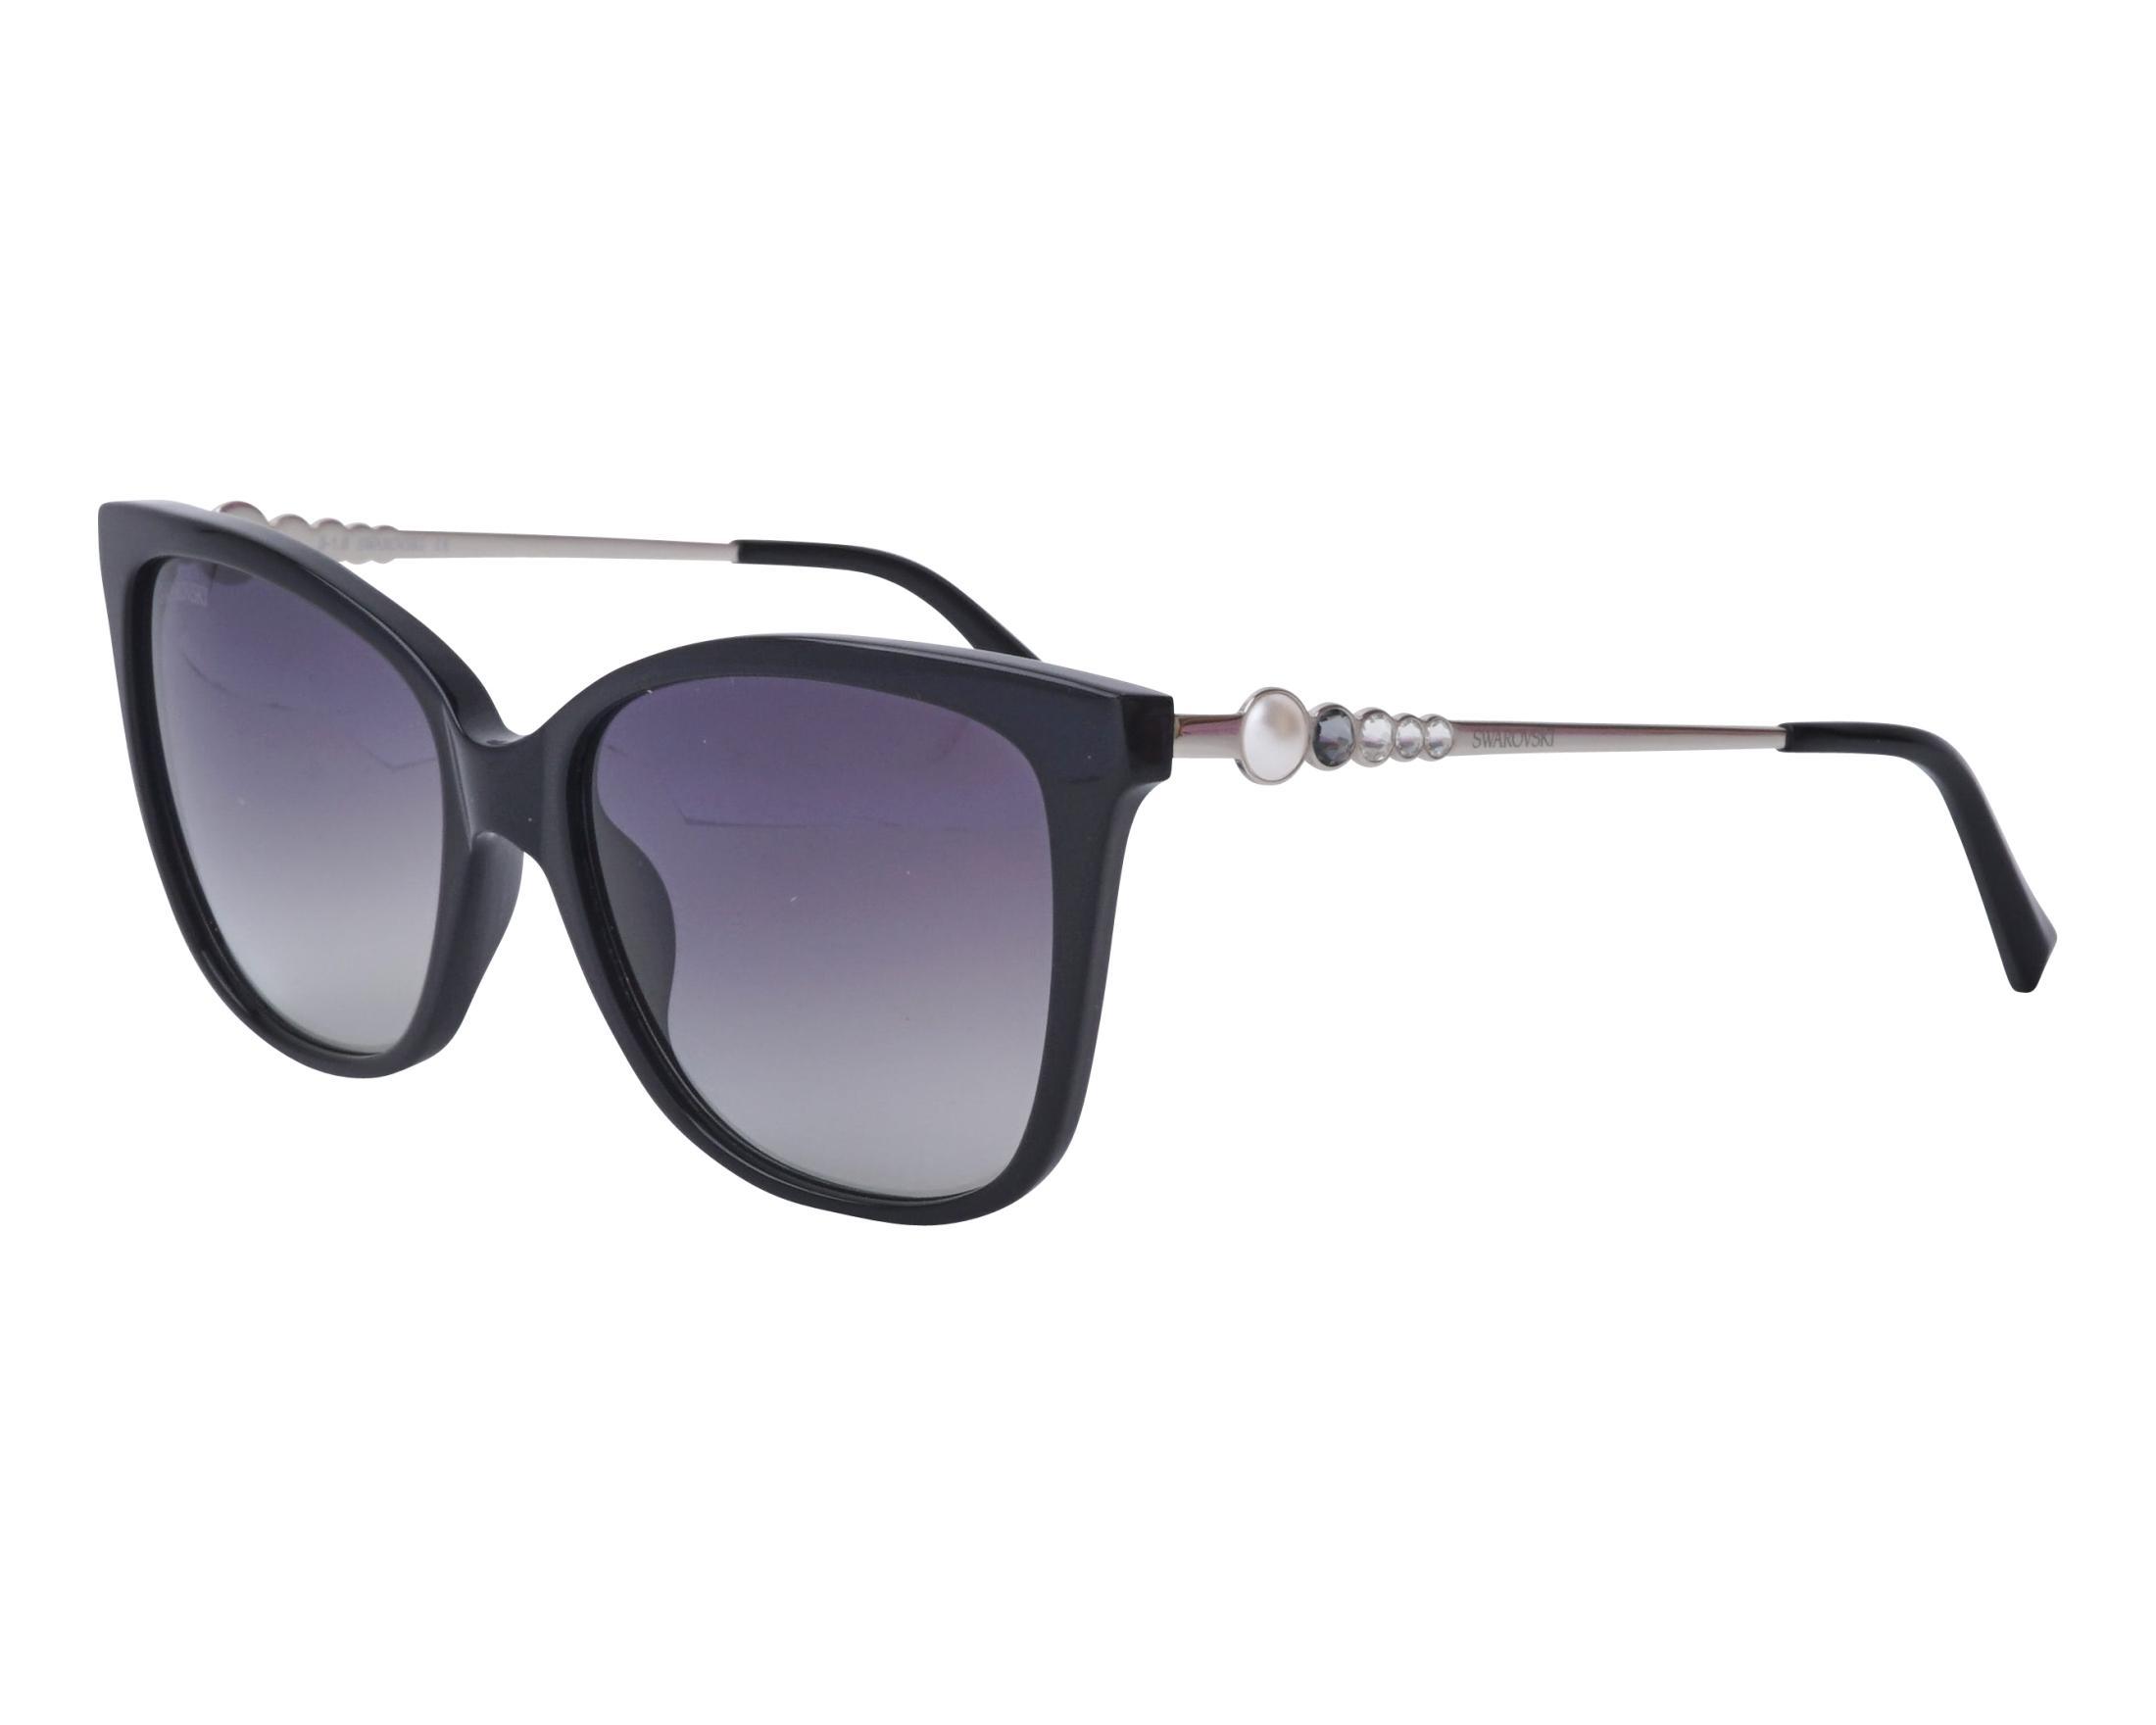 5f41e2faa1 Gafas de sol Swarovski SK-189 01B 55-16 Negra Plata vista de perfil